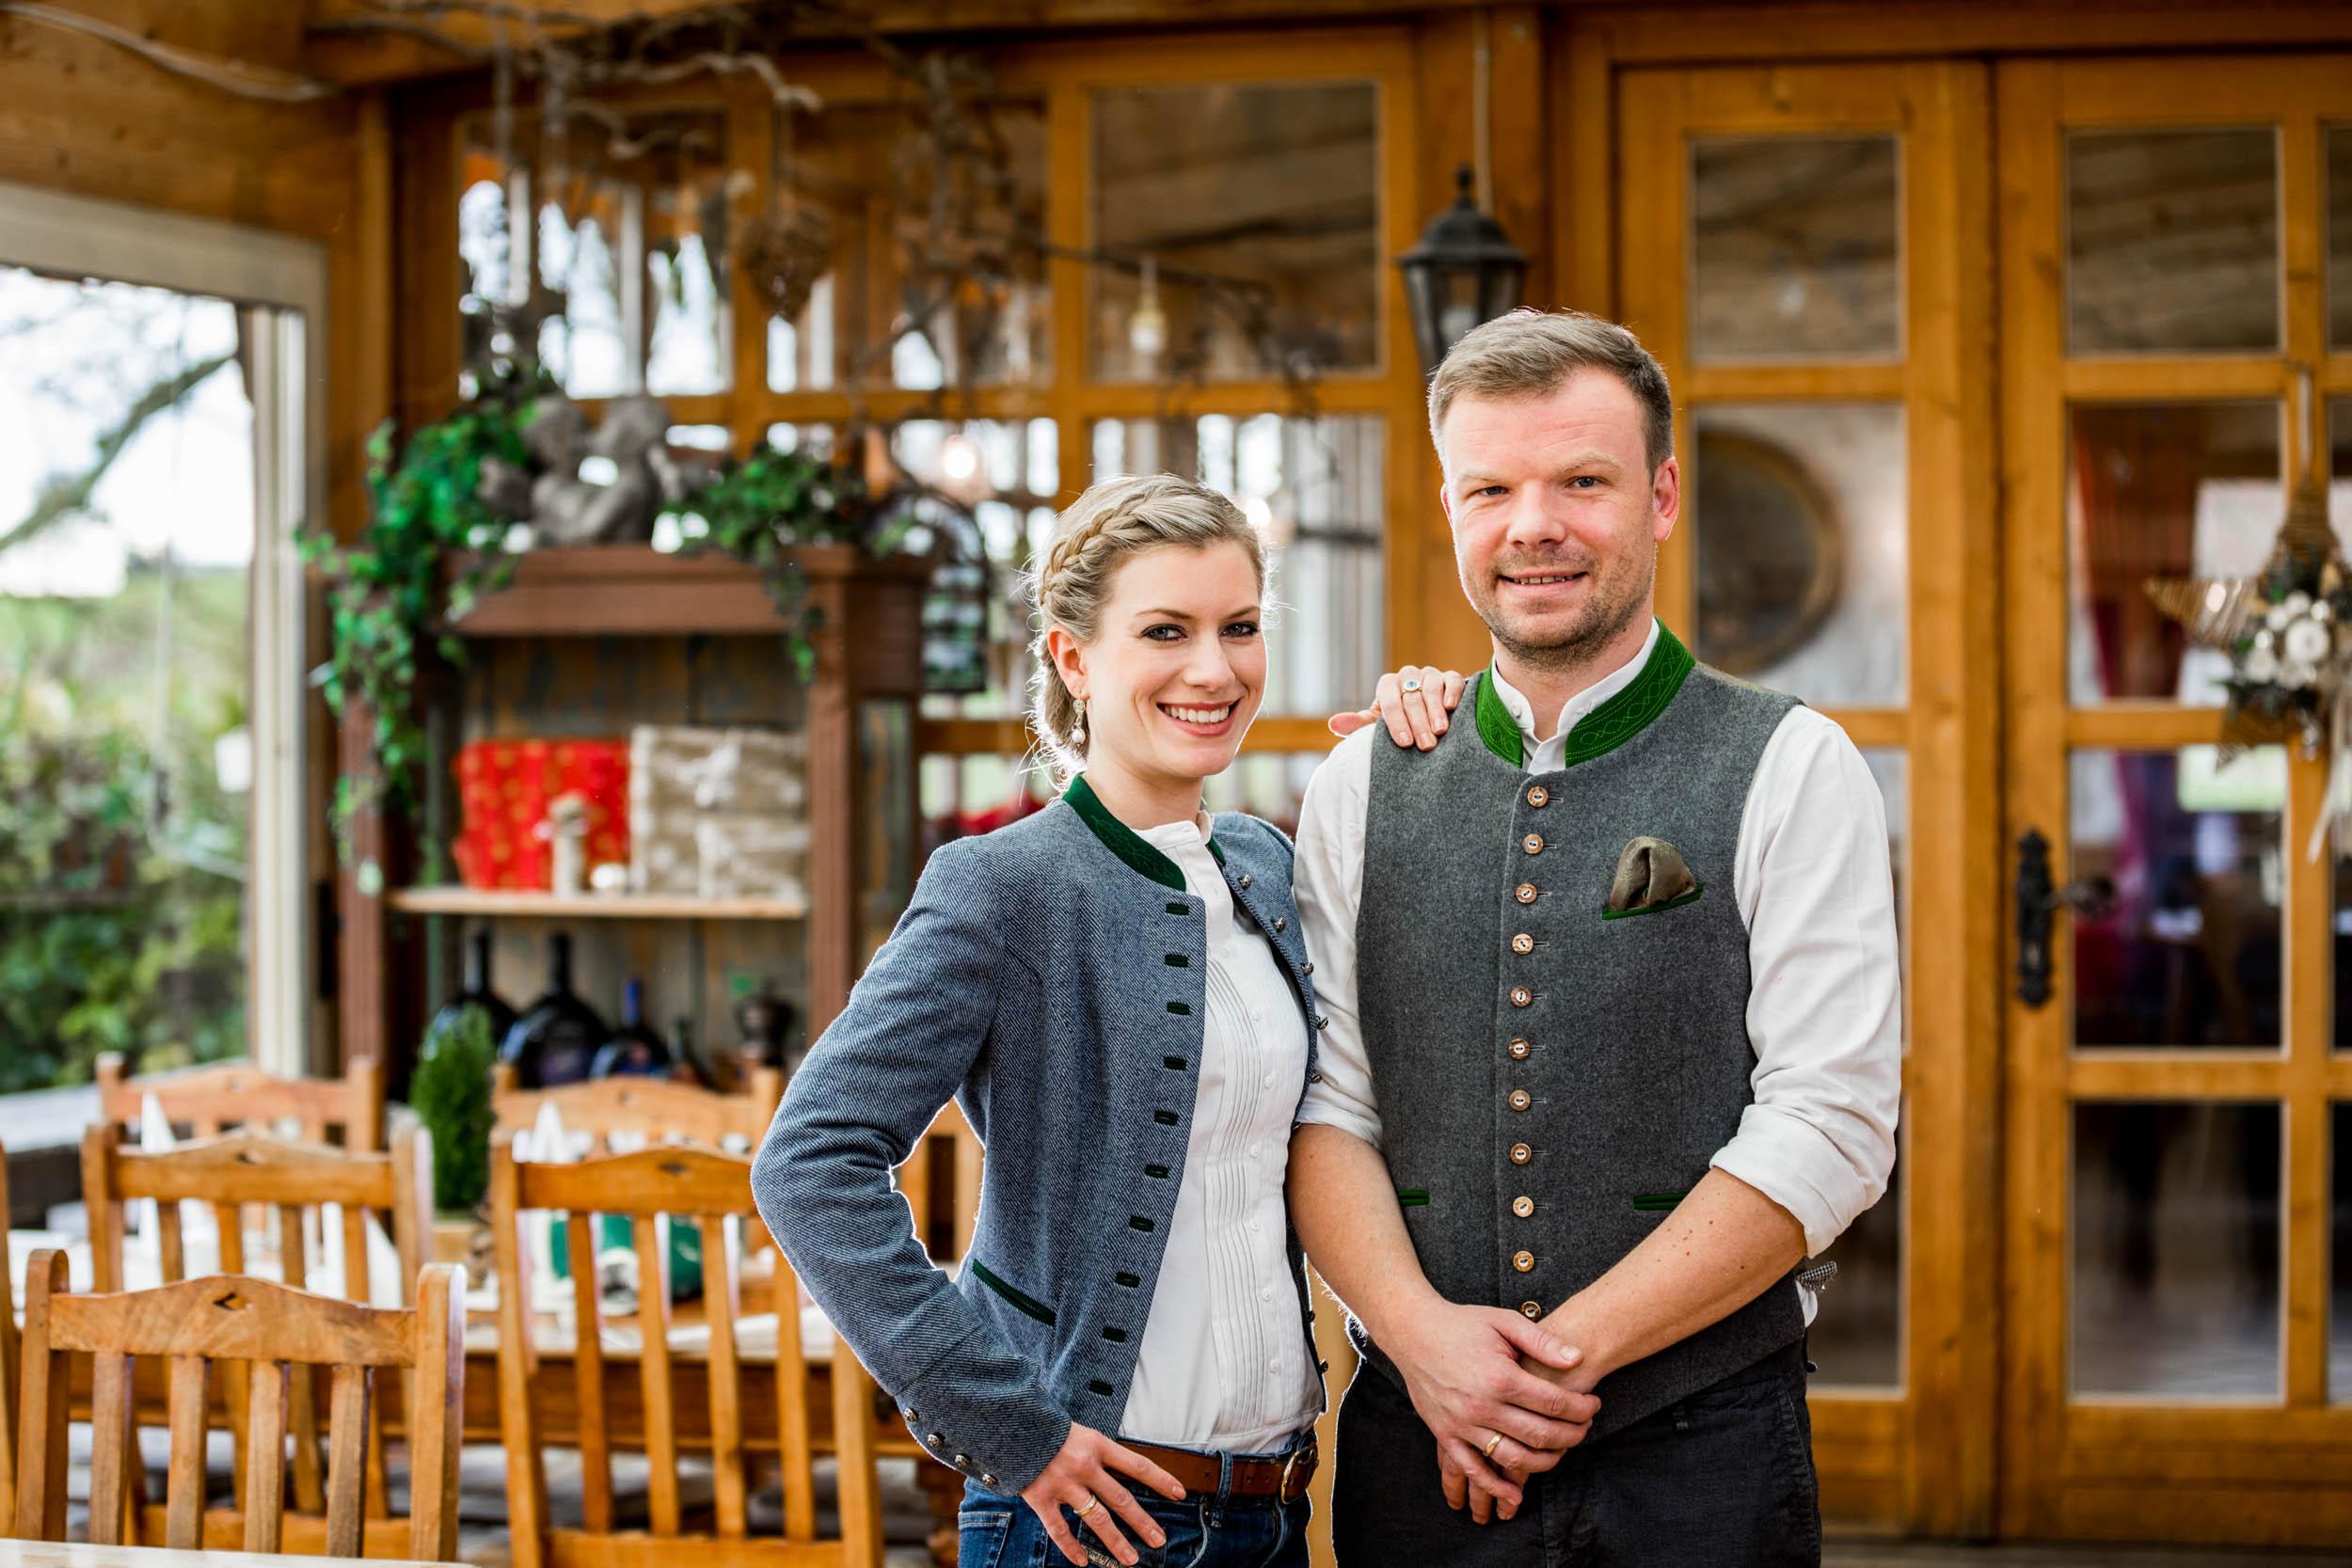 Barbara und Korbinian Kugler mit Team erwarten Sie zu einem zünftigen bayrischen Abend auf ihrem Landgut Kugler Alm Ebersberg